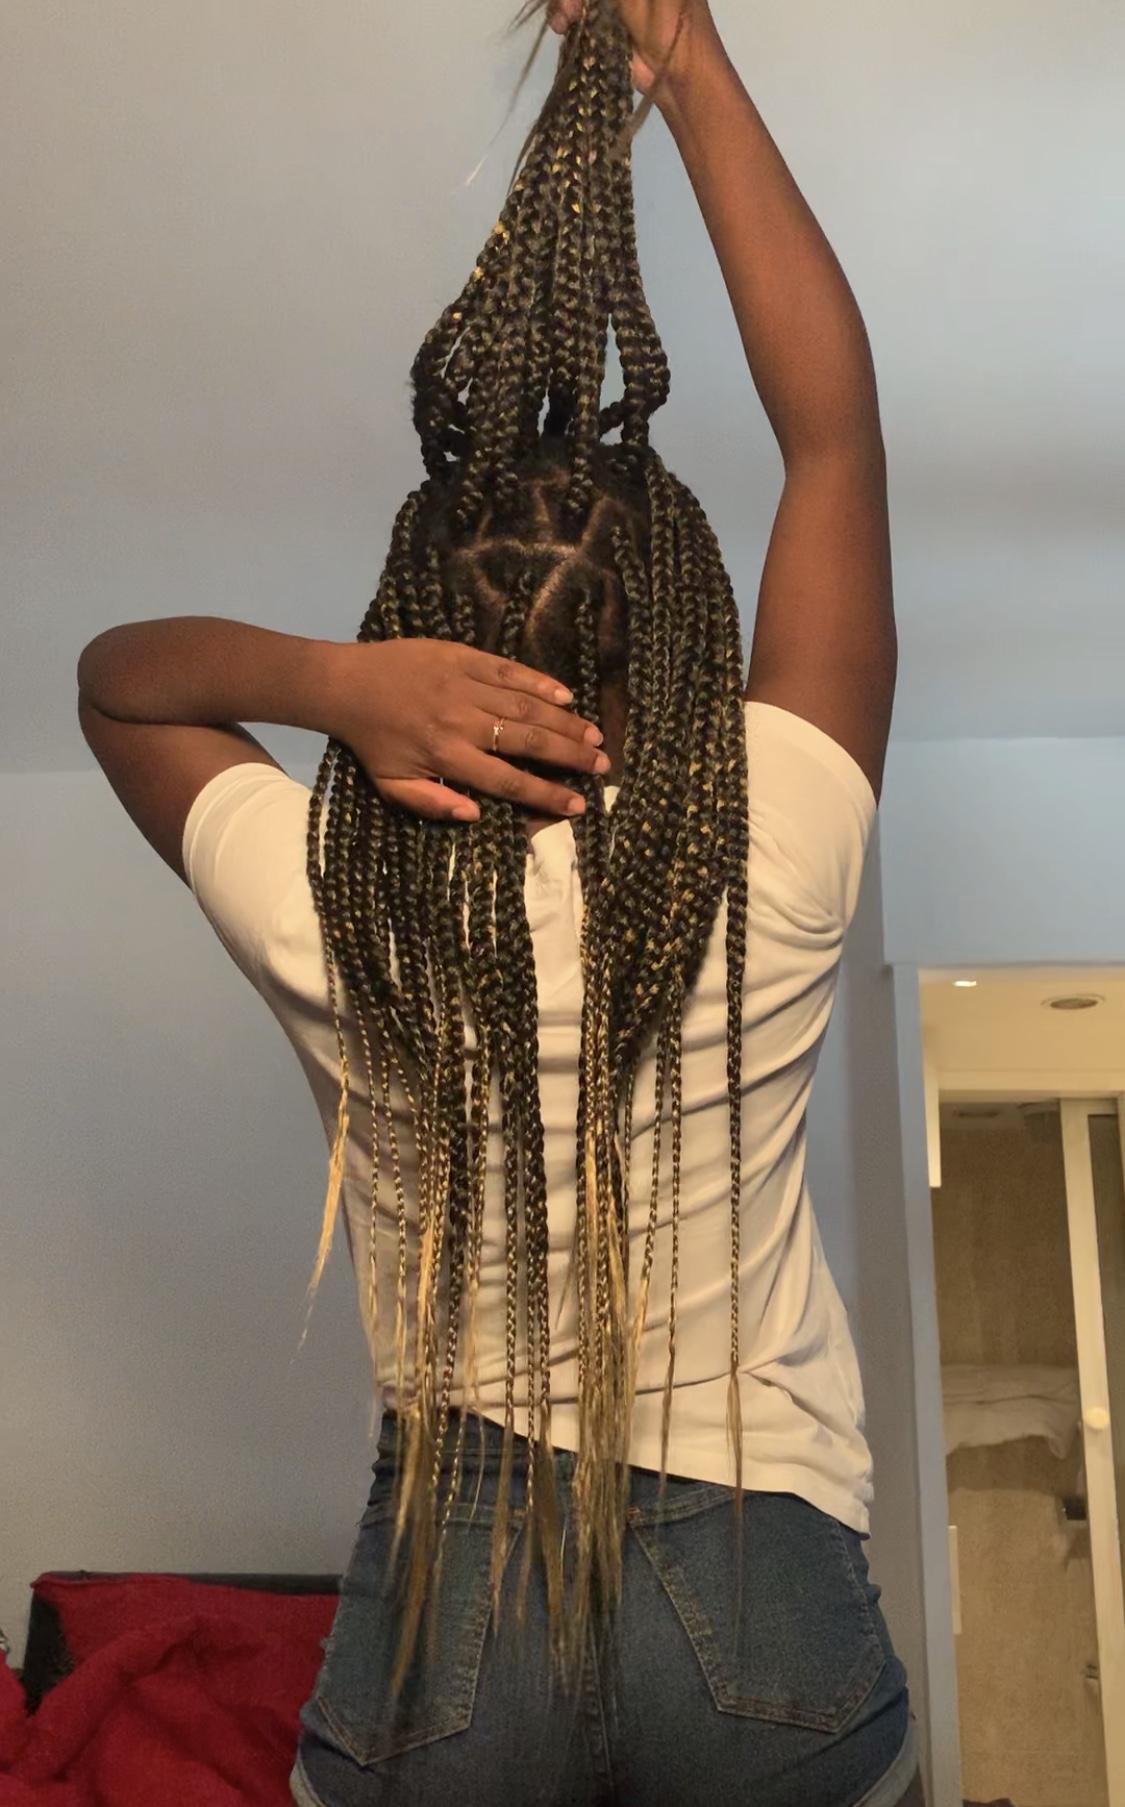 salon de coiffure afro tresse tresses box braids crochet braids vanilles tissages paris 75 77 78 91 92 93 94 95 EREVGZPT